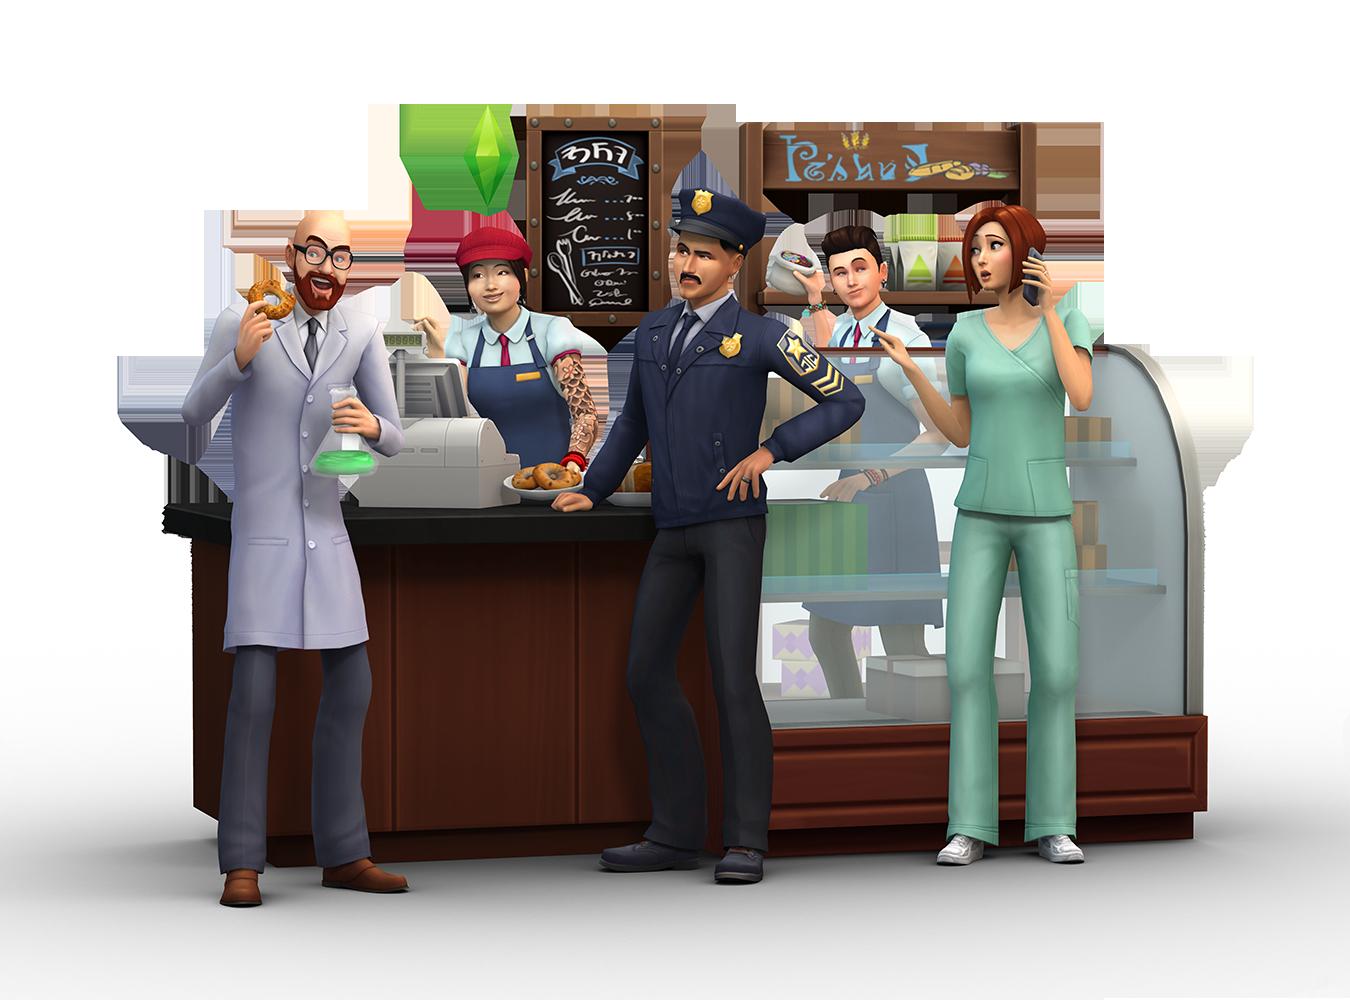 Sims 4, Au travail